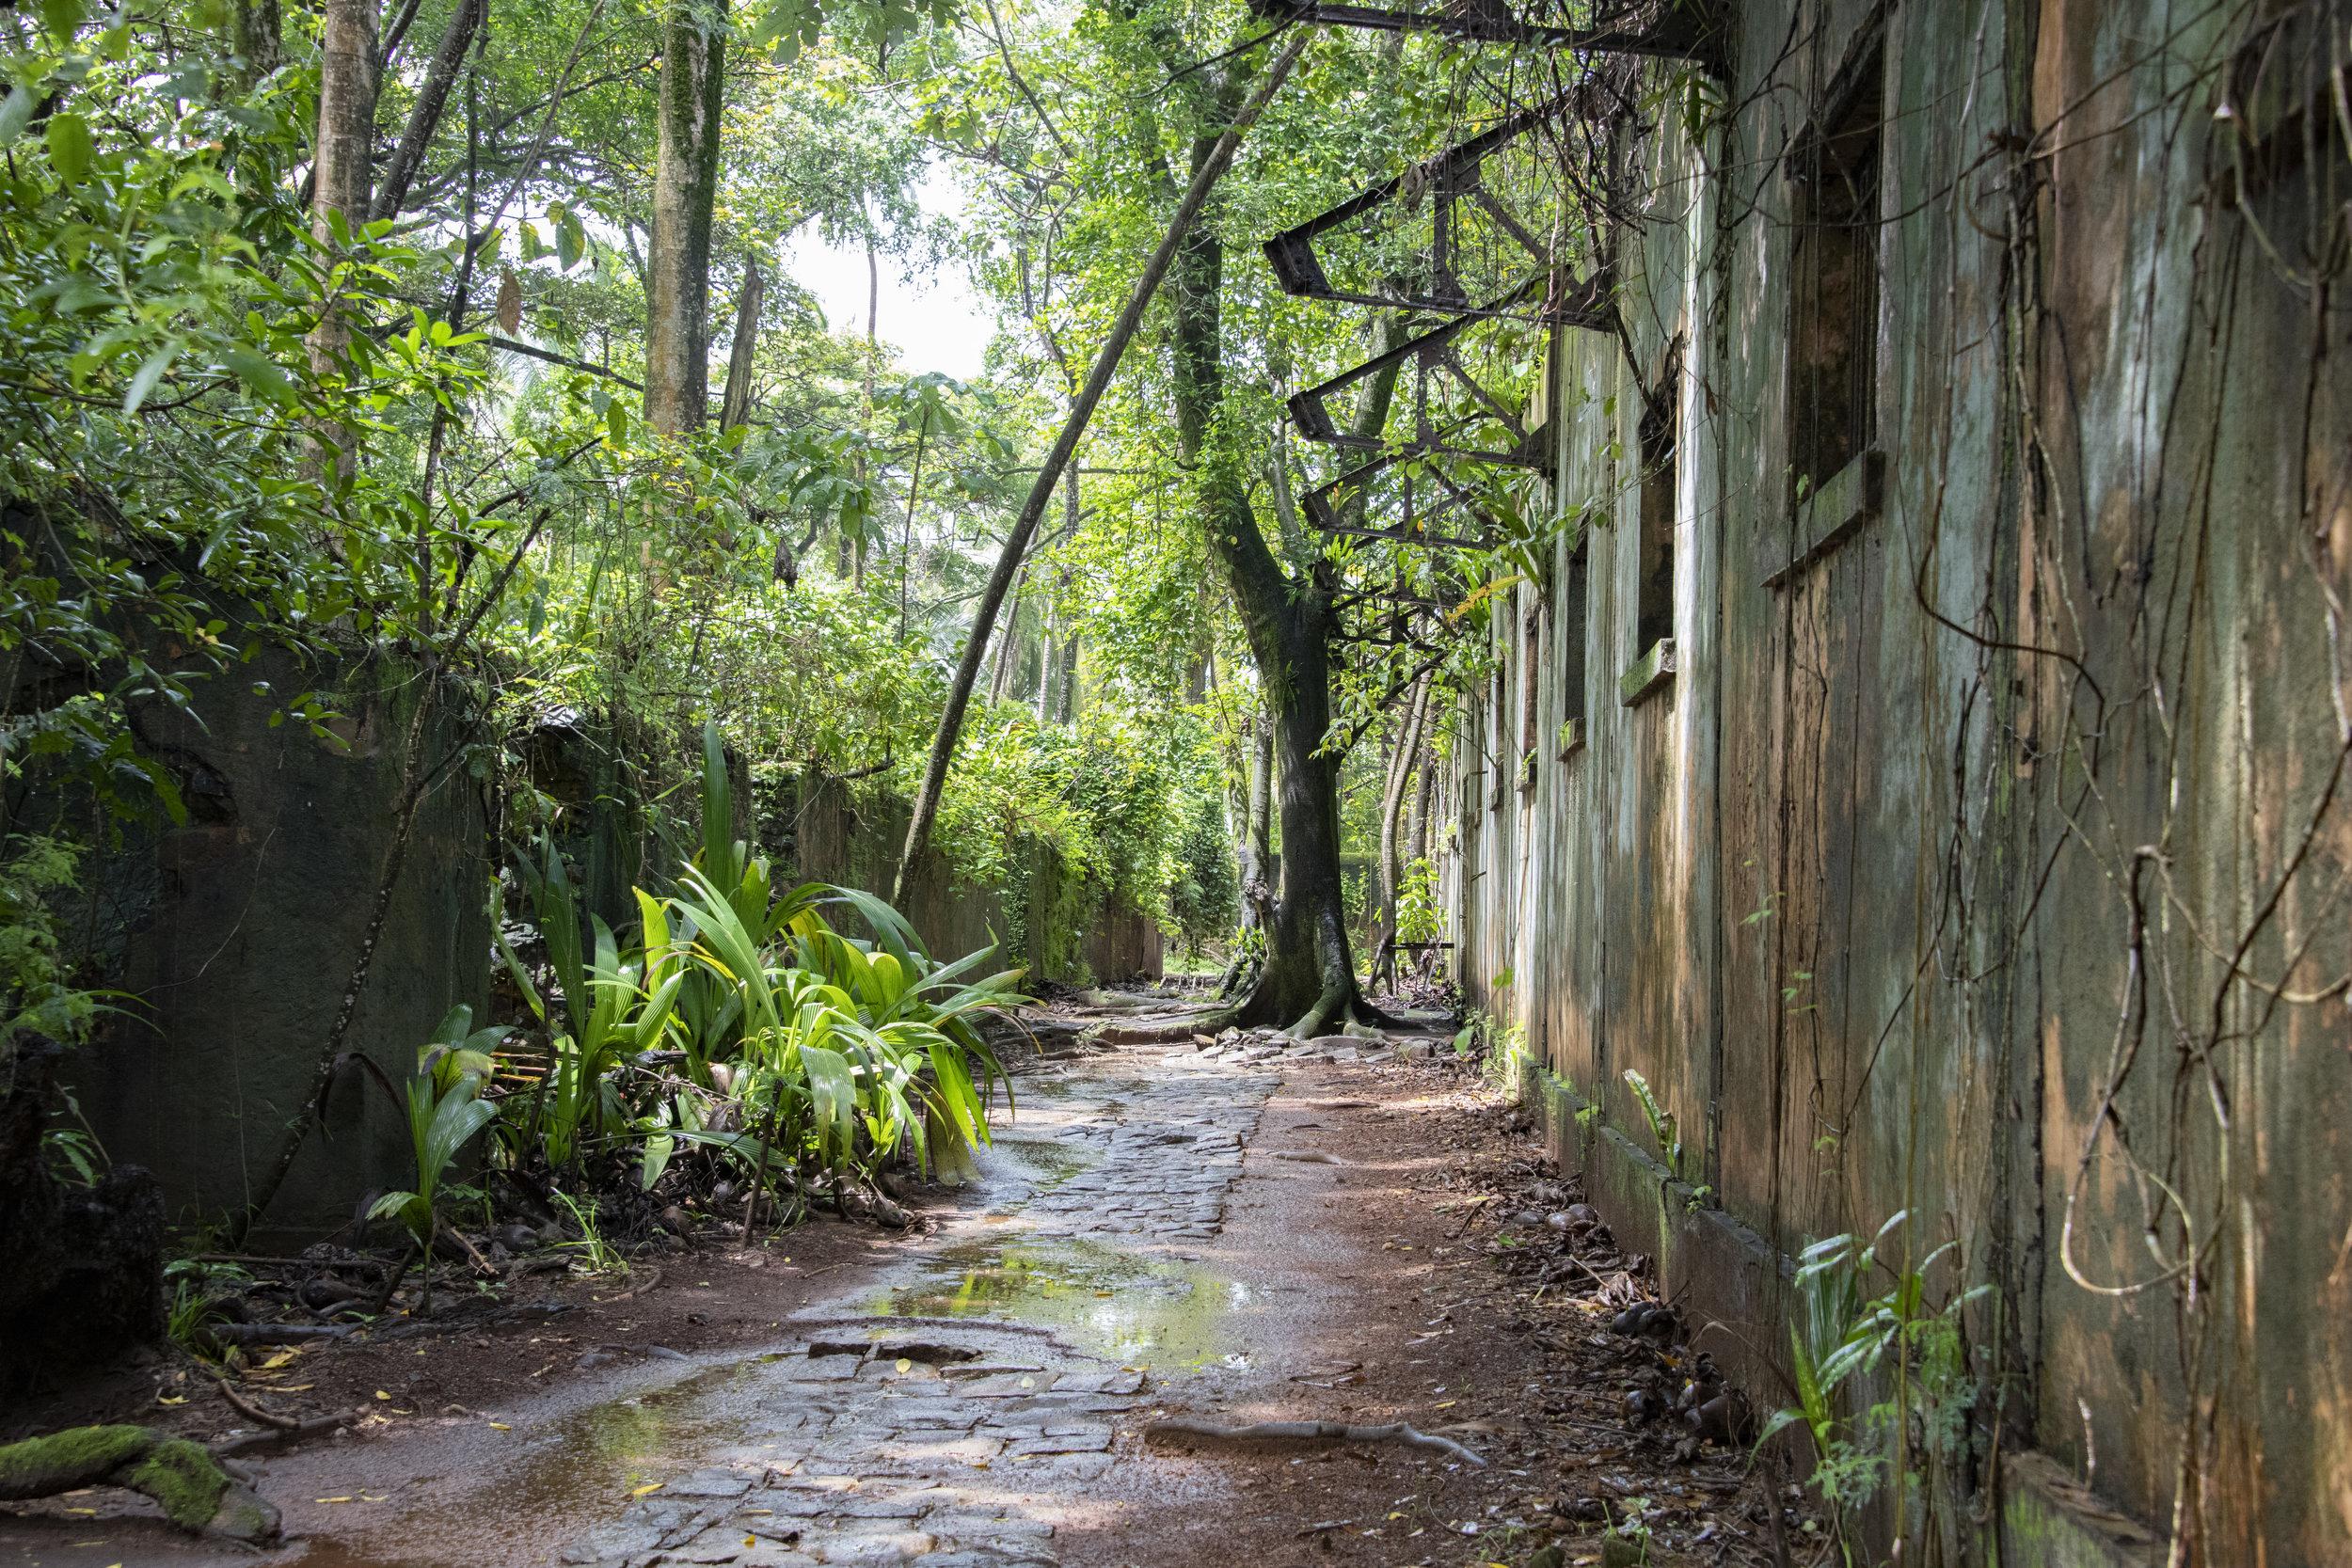 Ruins at Île St Joseph, Îles du Salut, French Guiana